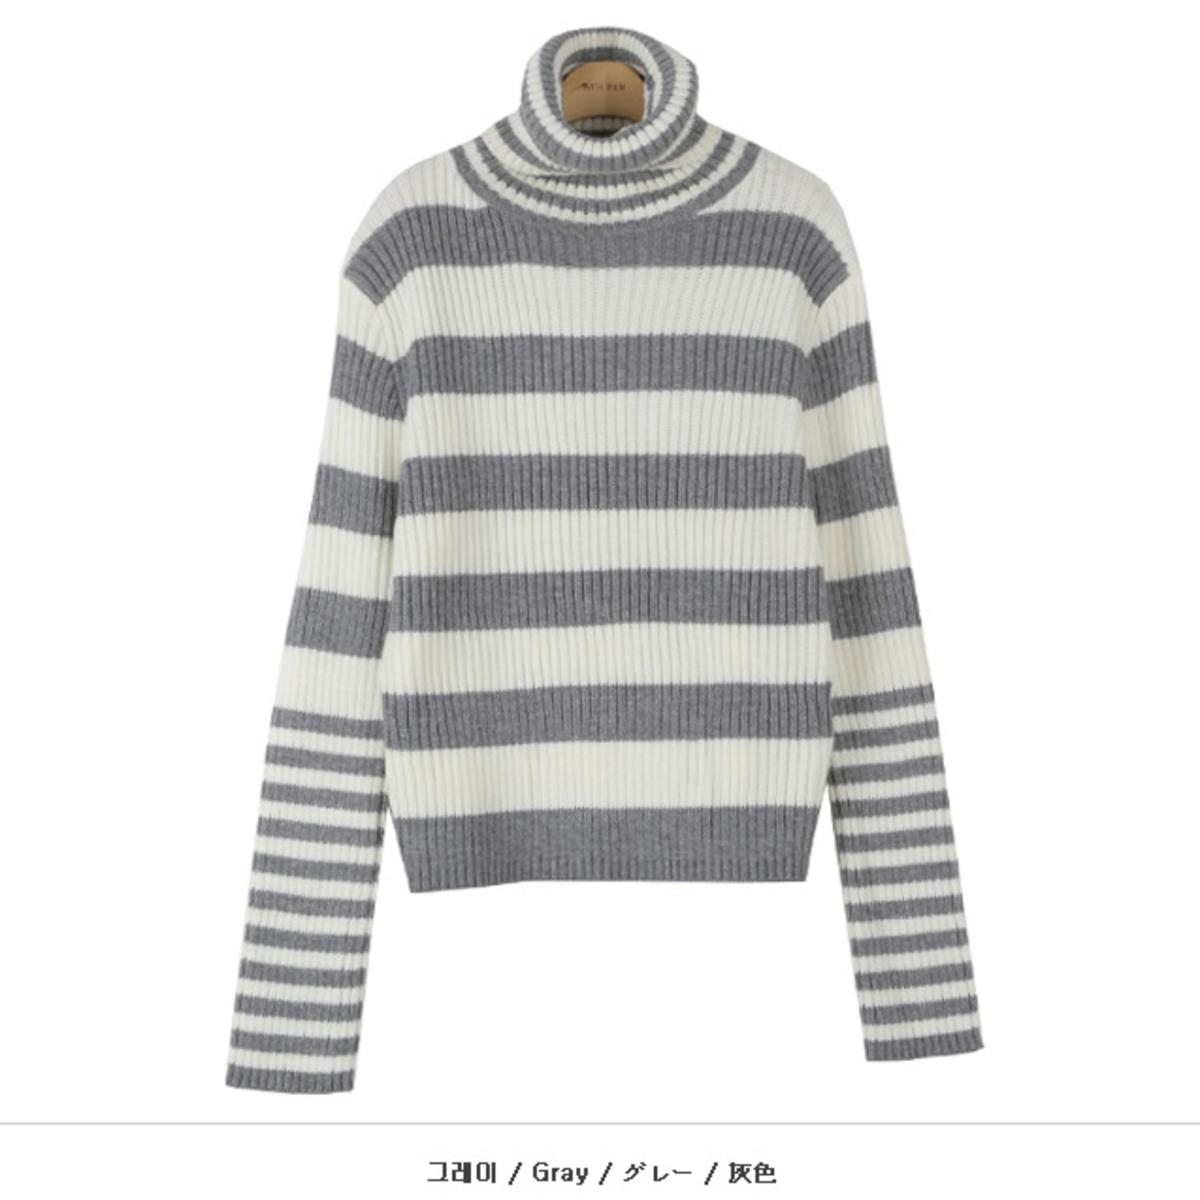 橫間樽領針織衫